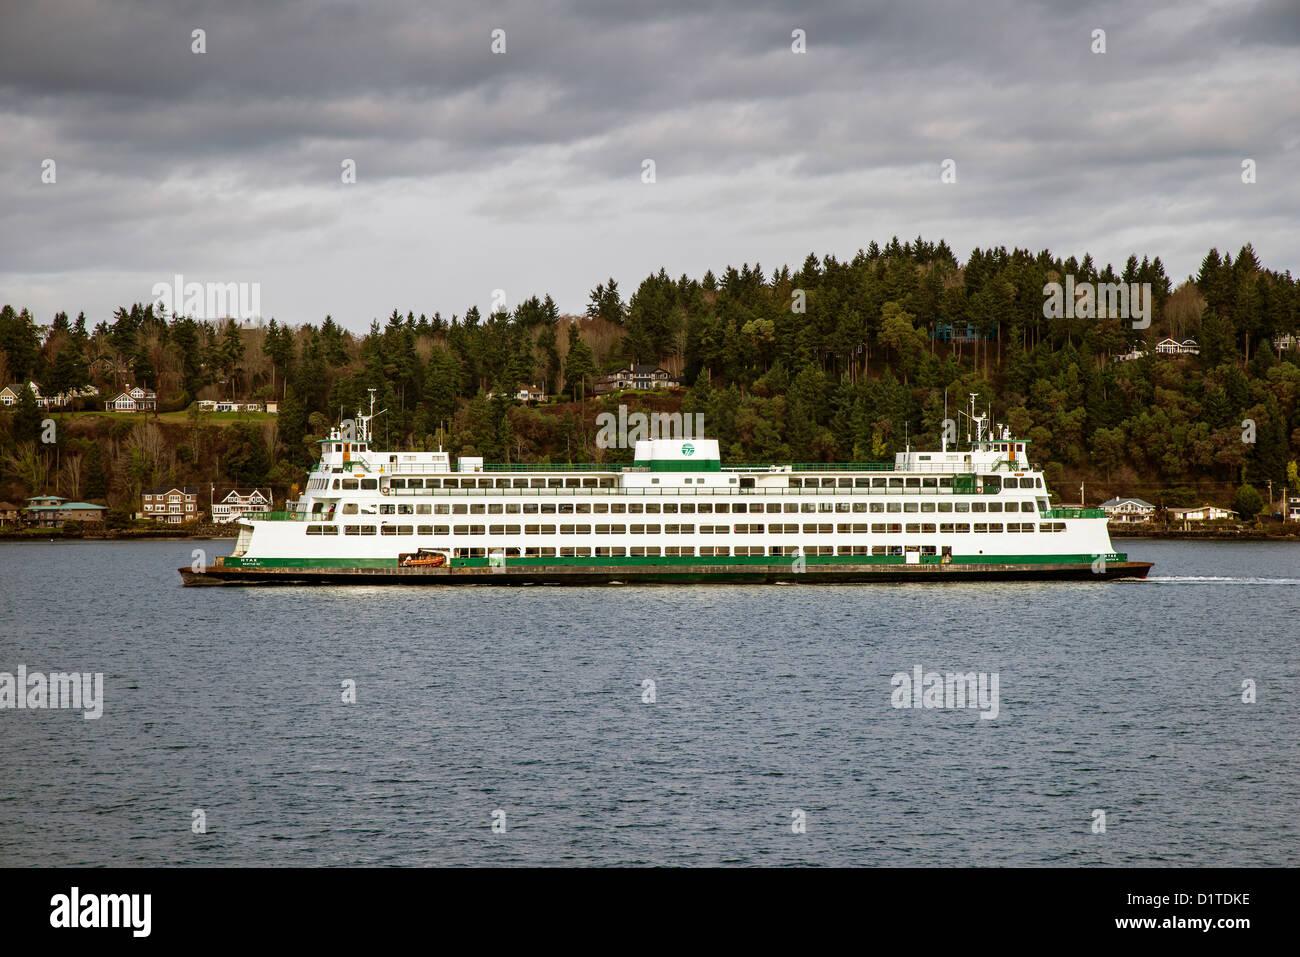 Stato di Washington traversata in traghetto del Puget Sound, Seattle, Washington, Stati Uniti d'America Immagini Stock